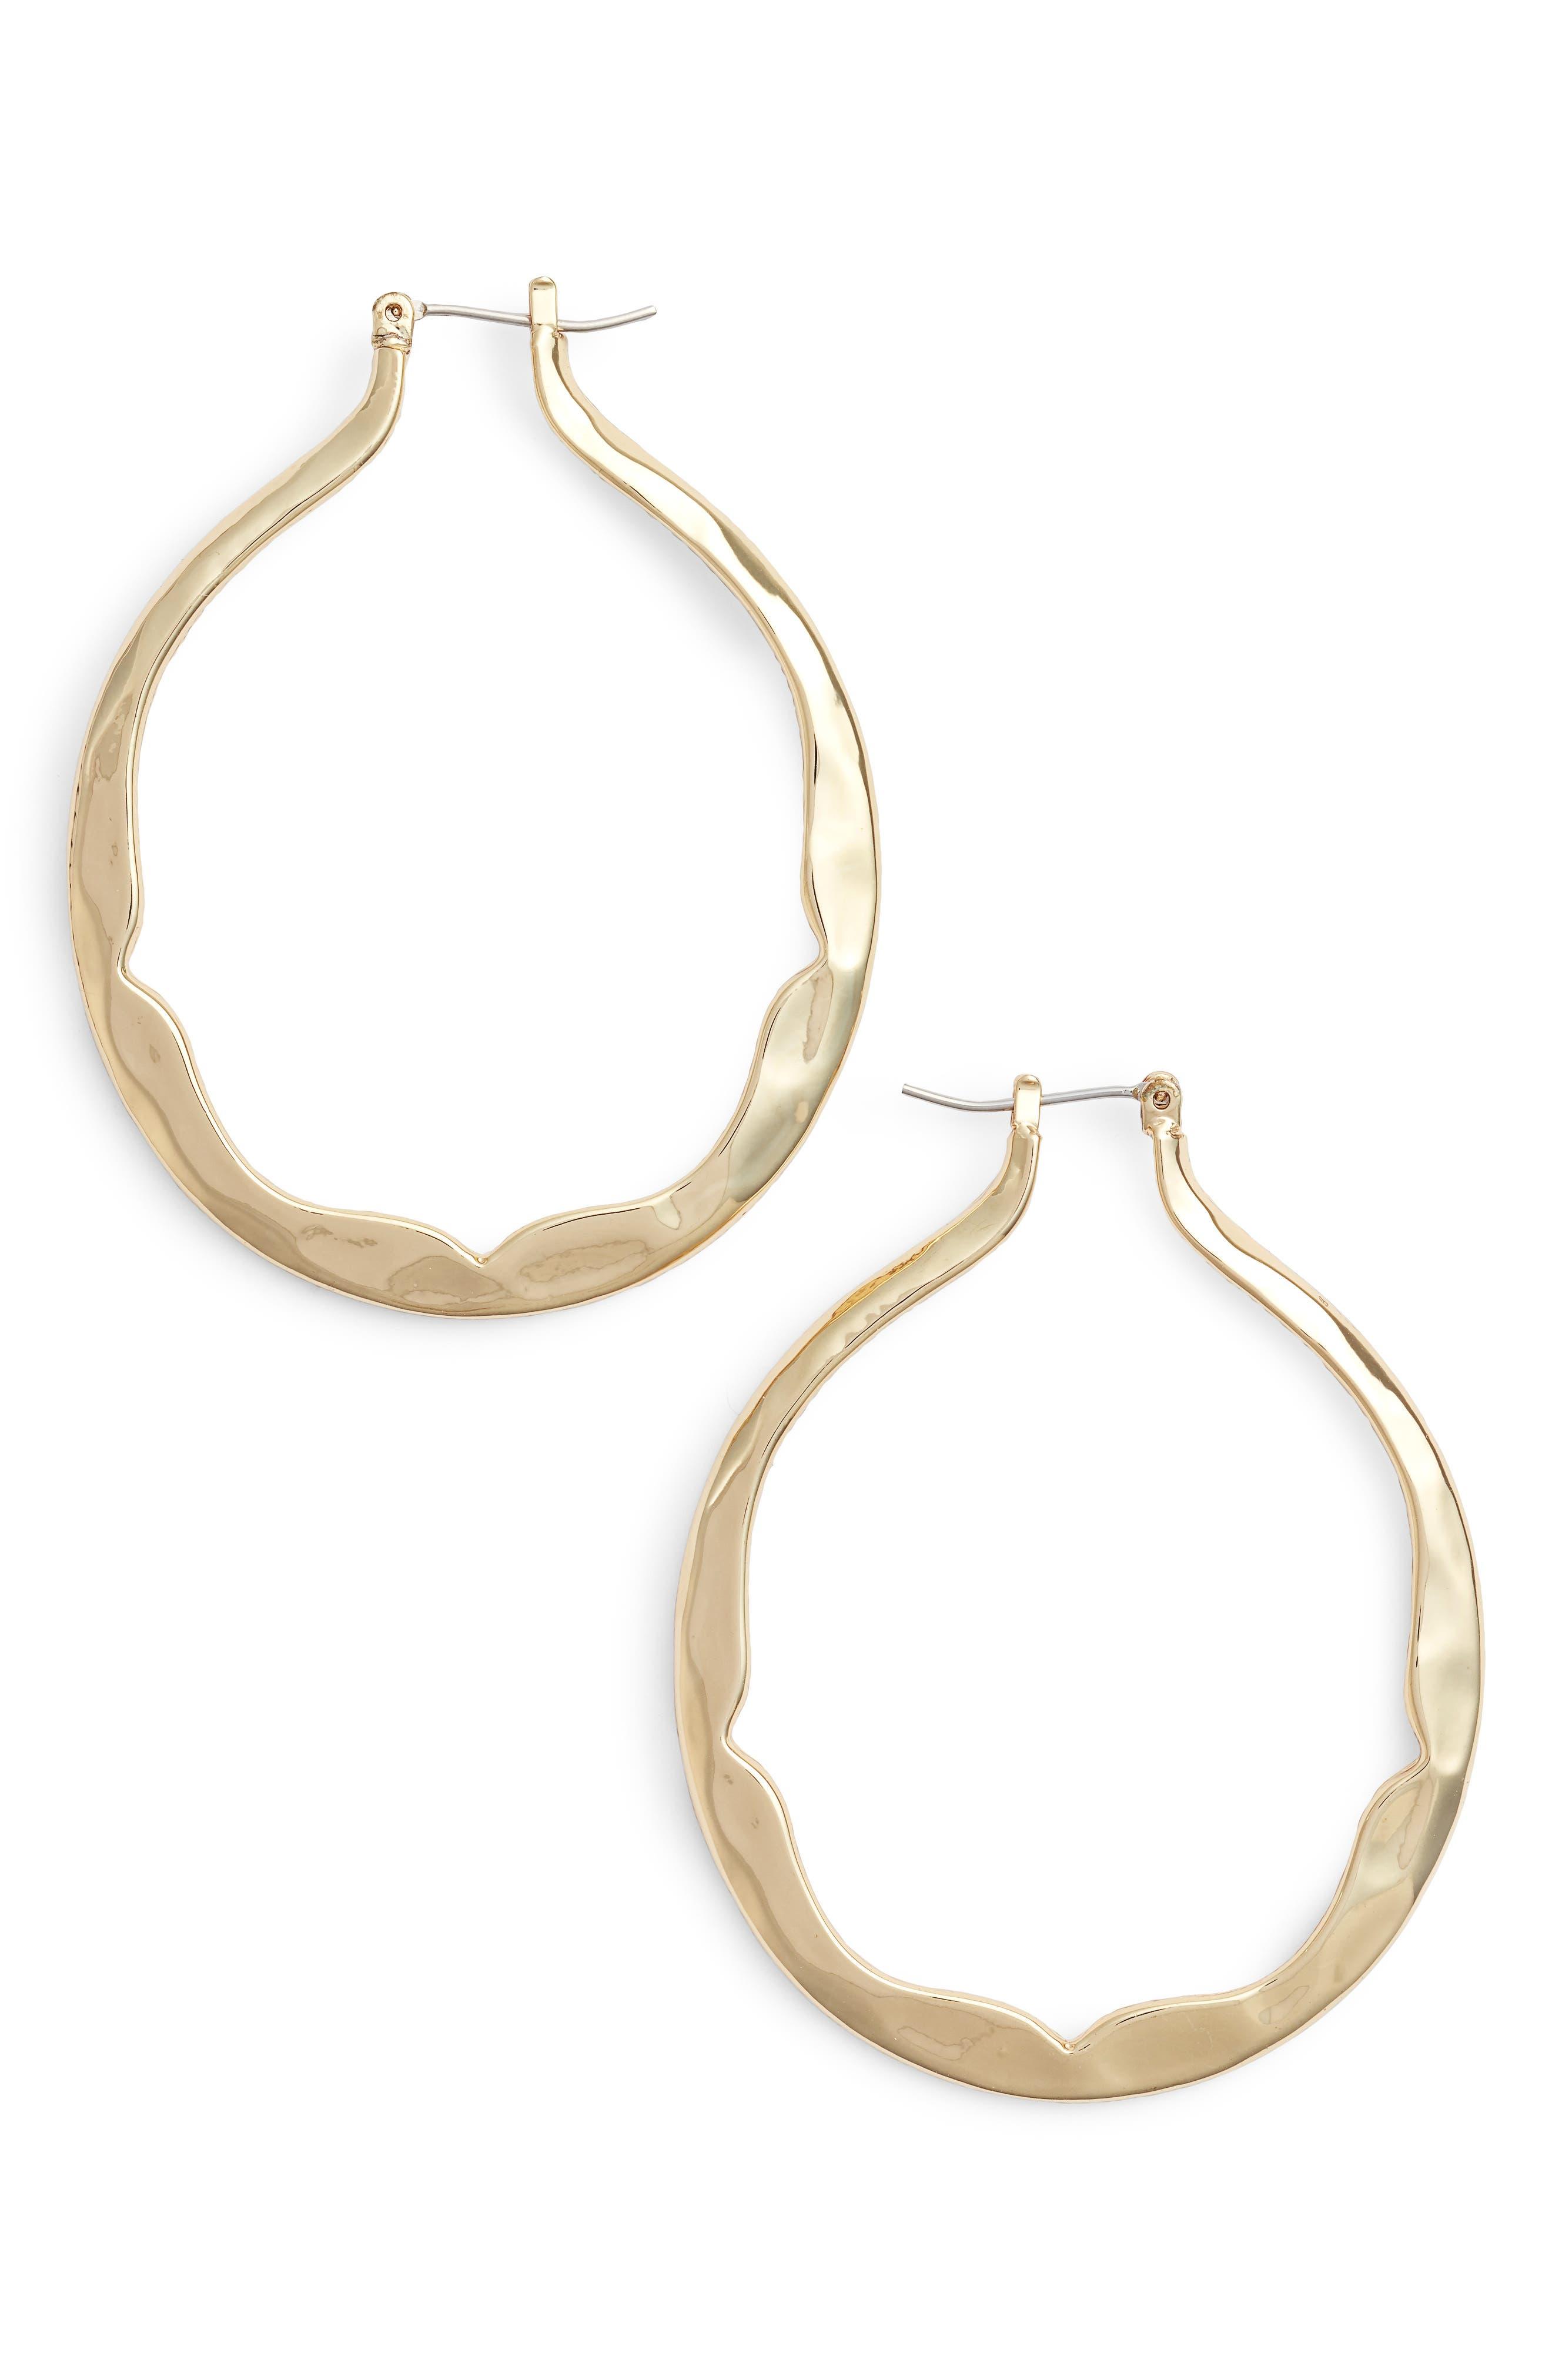 Scalloped Hoop Earrings,                             Main thumbnail 1, color,                             710